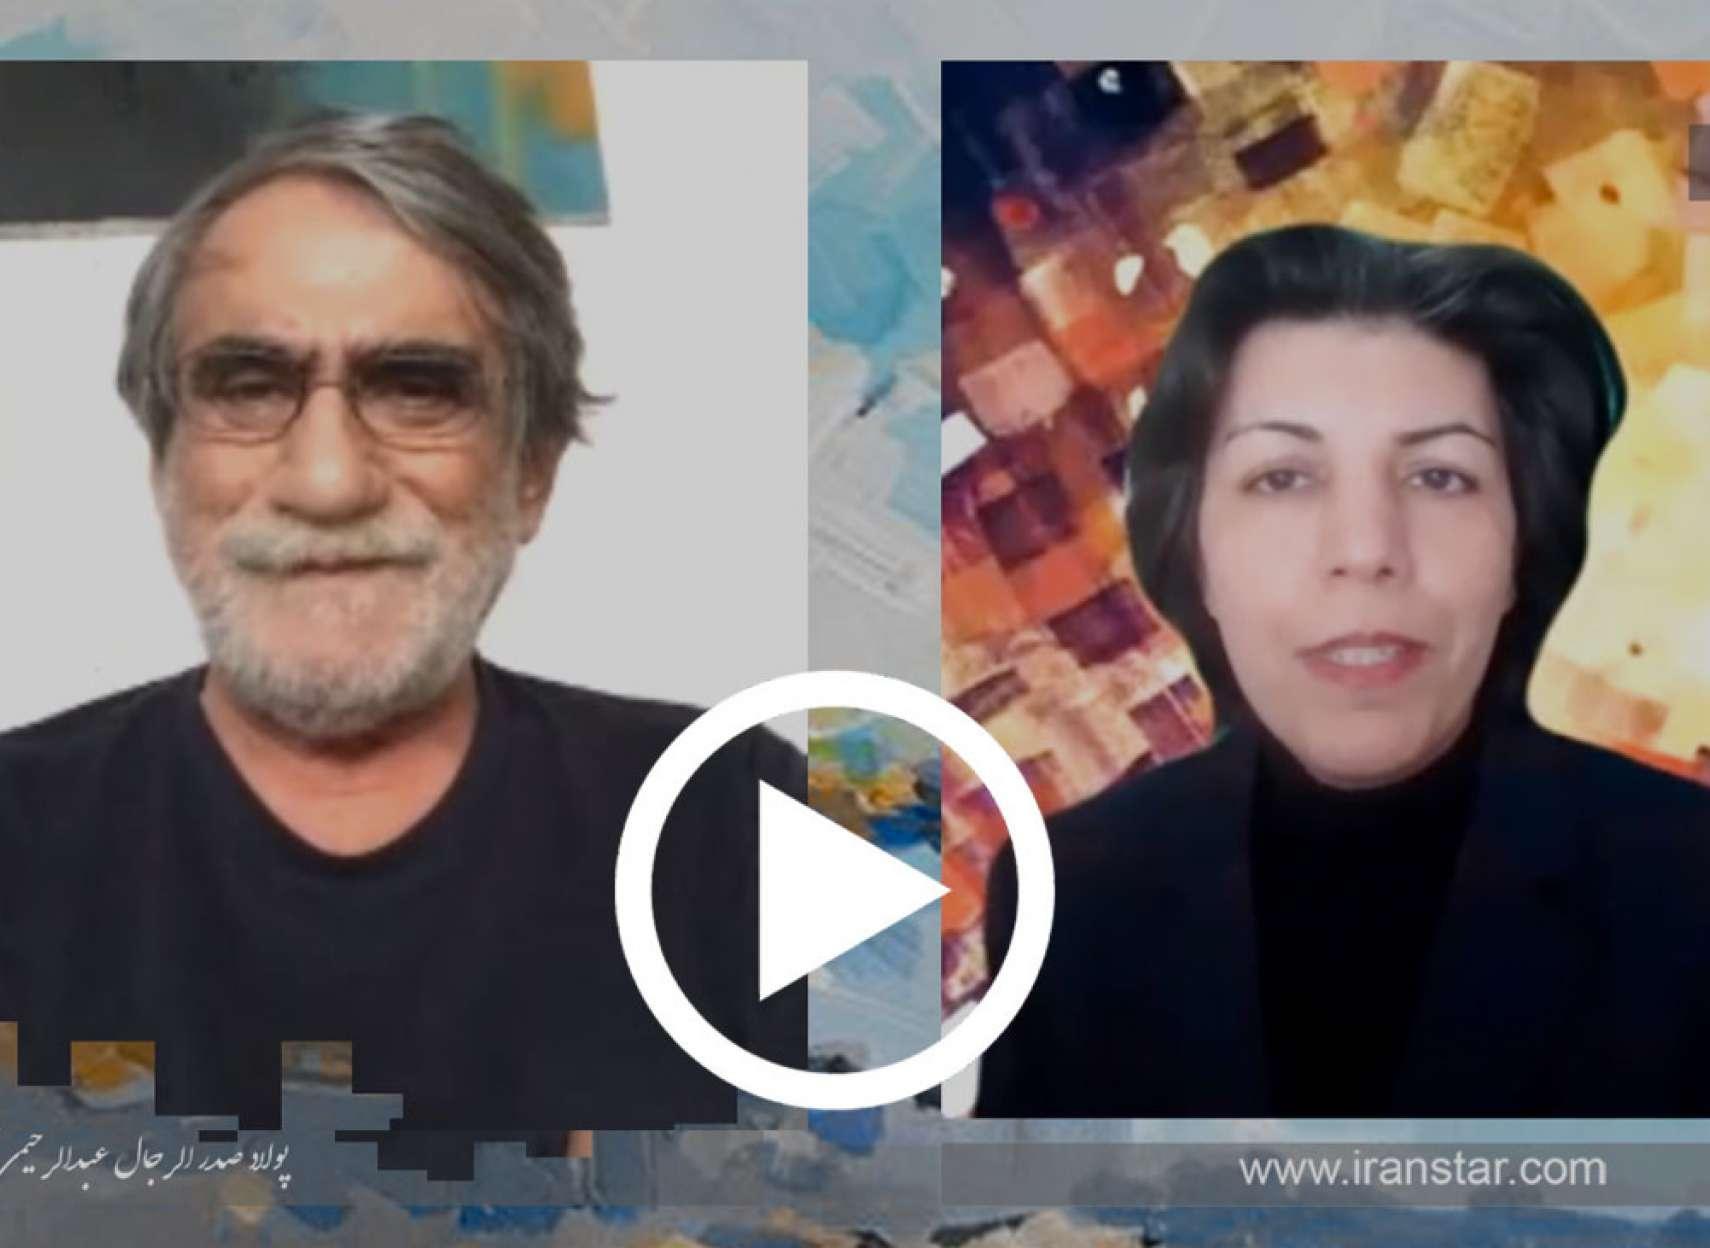 مصاحبه با پولاد صدرالرجال عبدالرحیمی، از شرکت در نمایشگاه های نقاشی تا صاحب سبک شدن